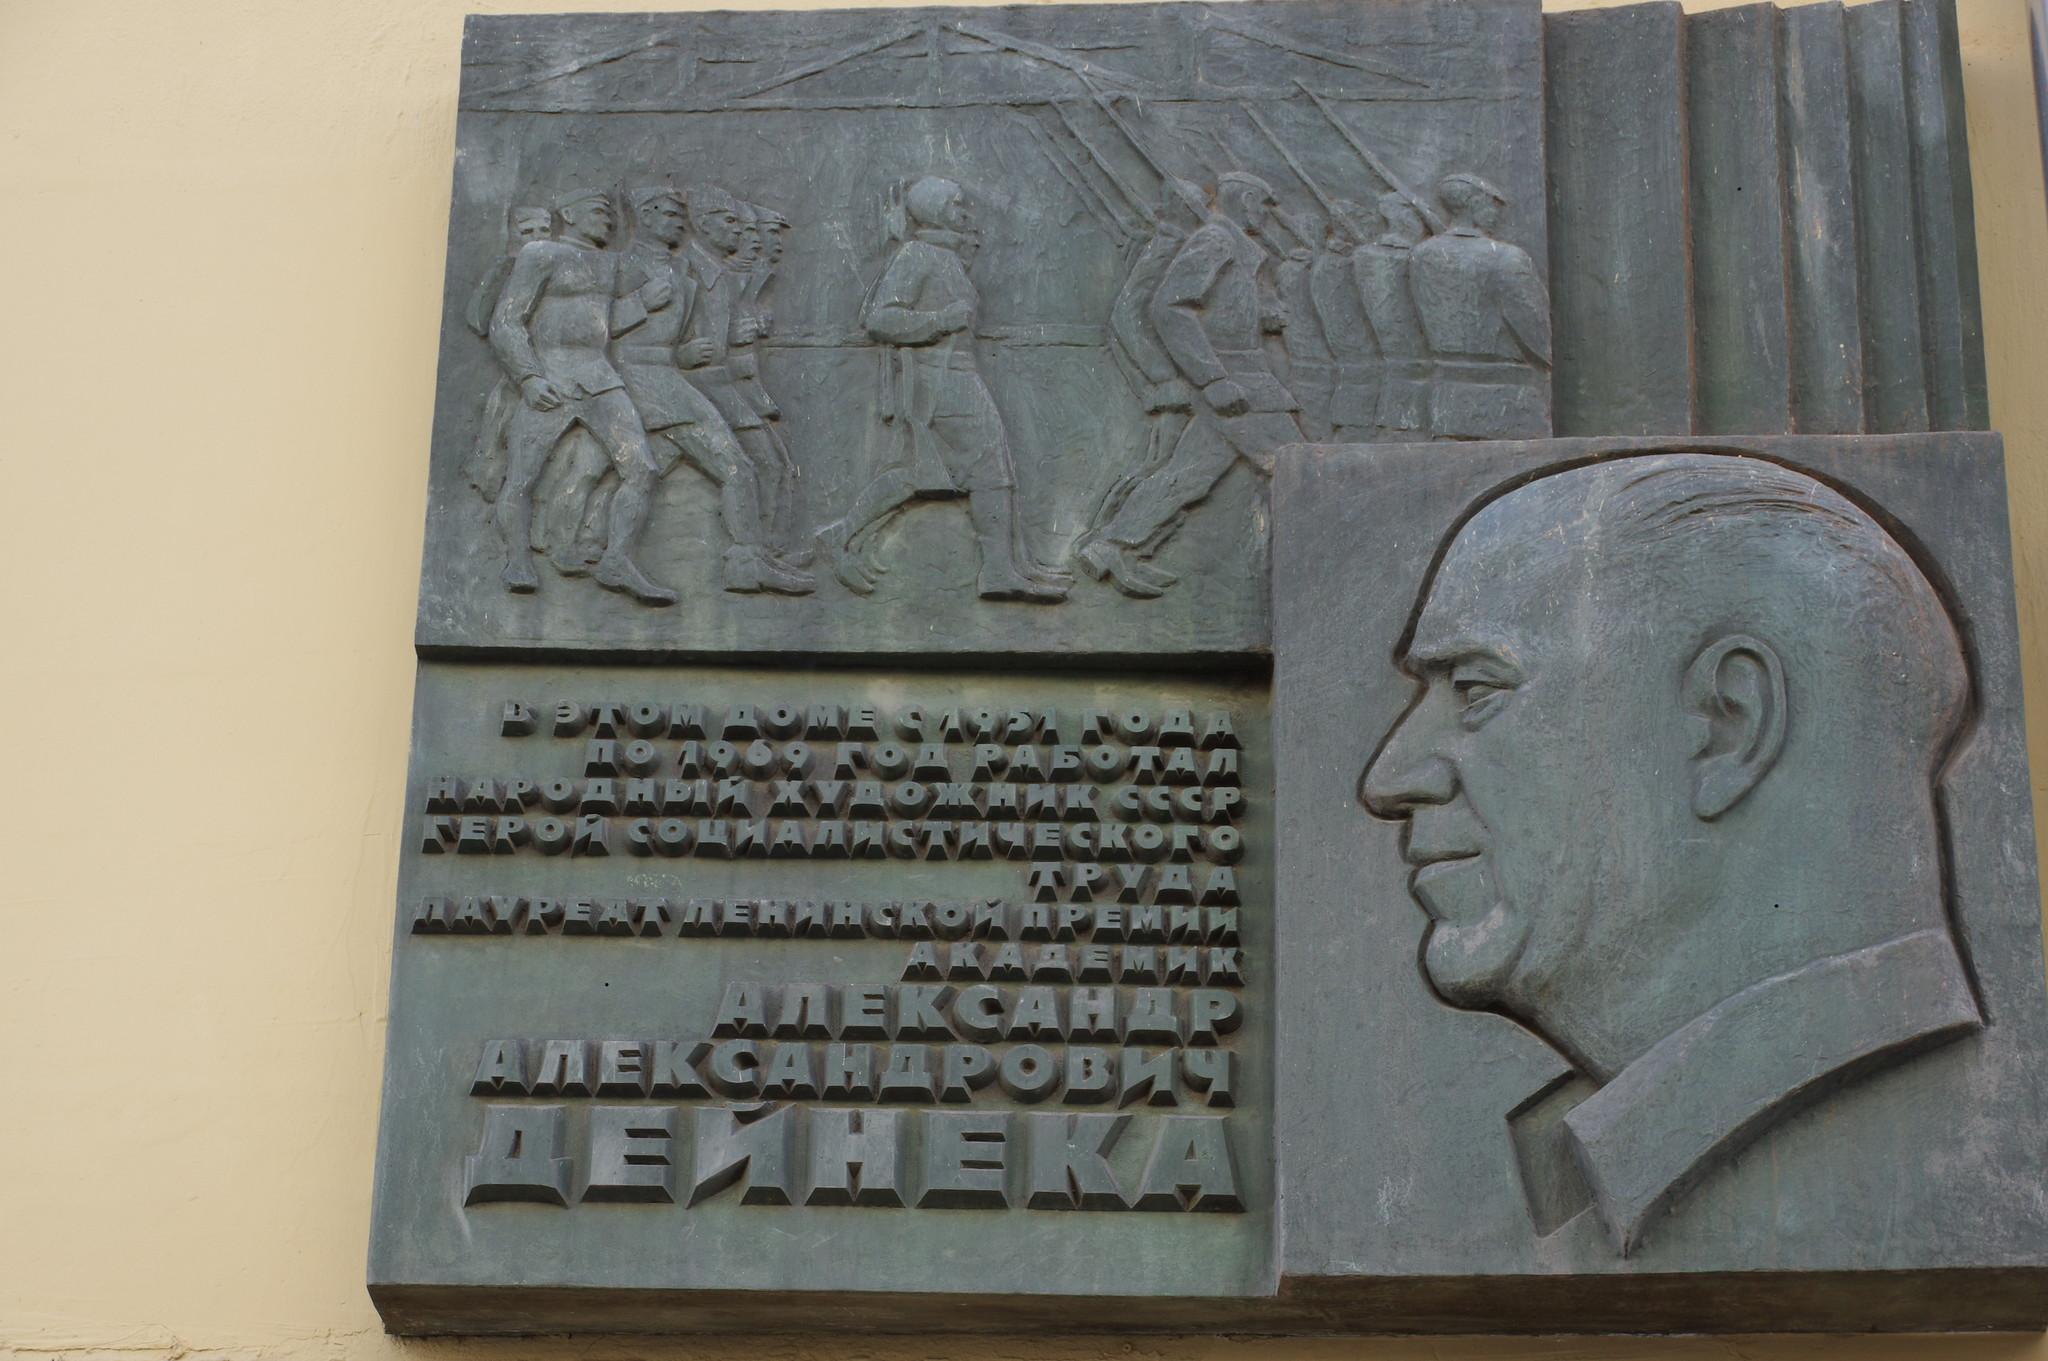 На фасаде здания (Тверская улица, дом 25) установлена мемориальная доска Александру Александровичу Дейнека